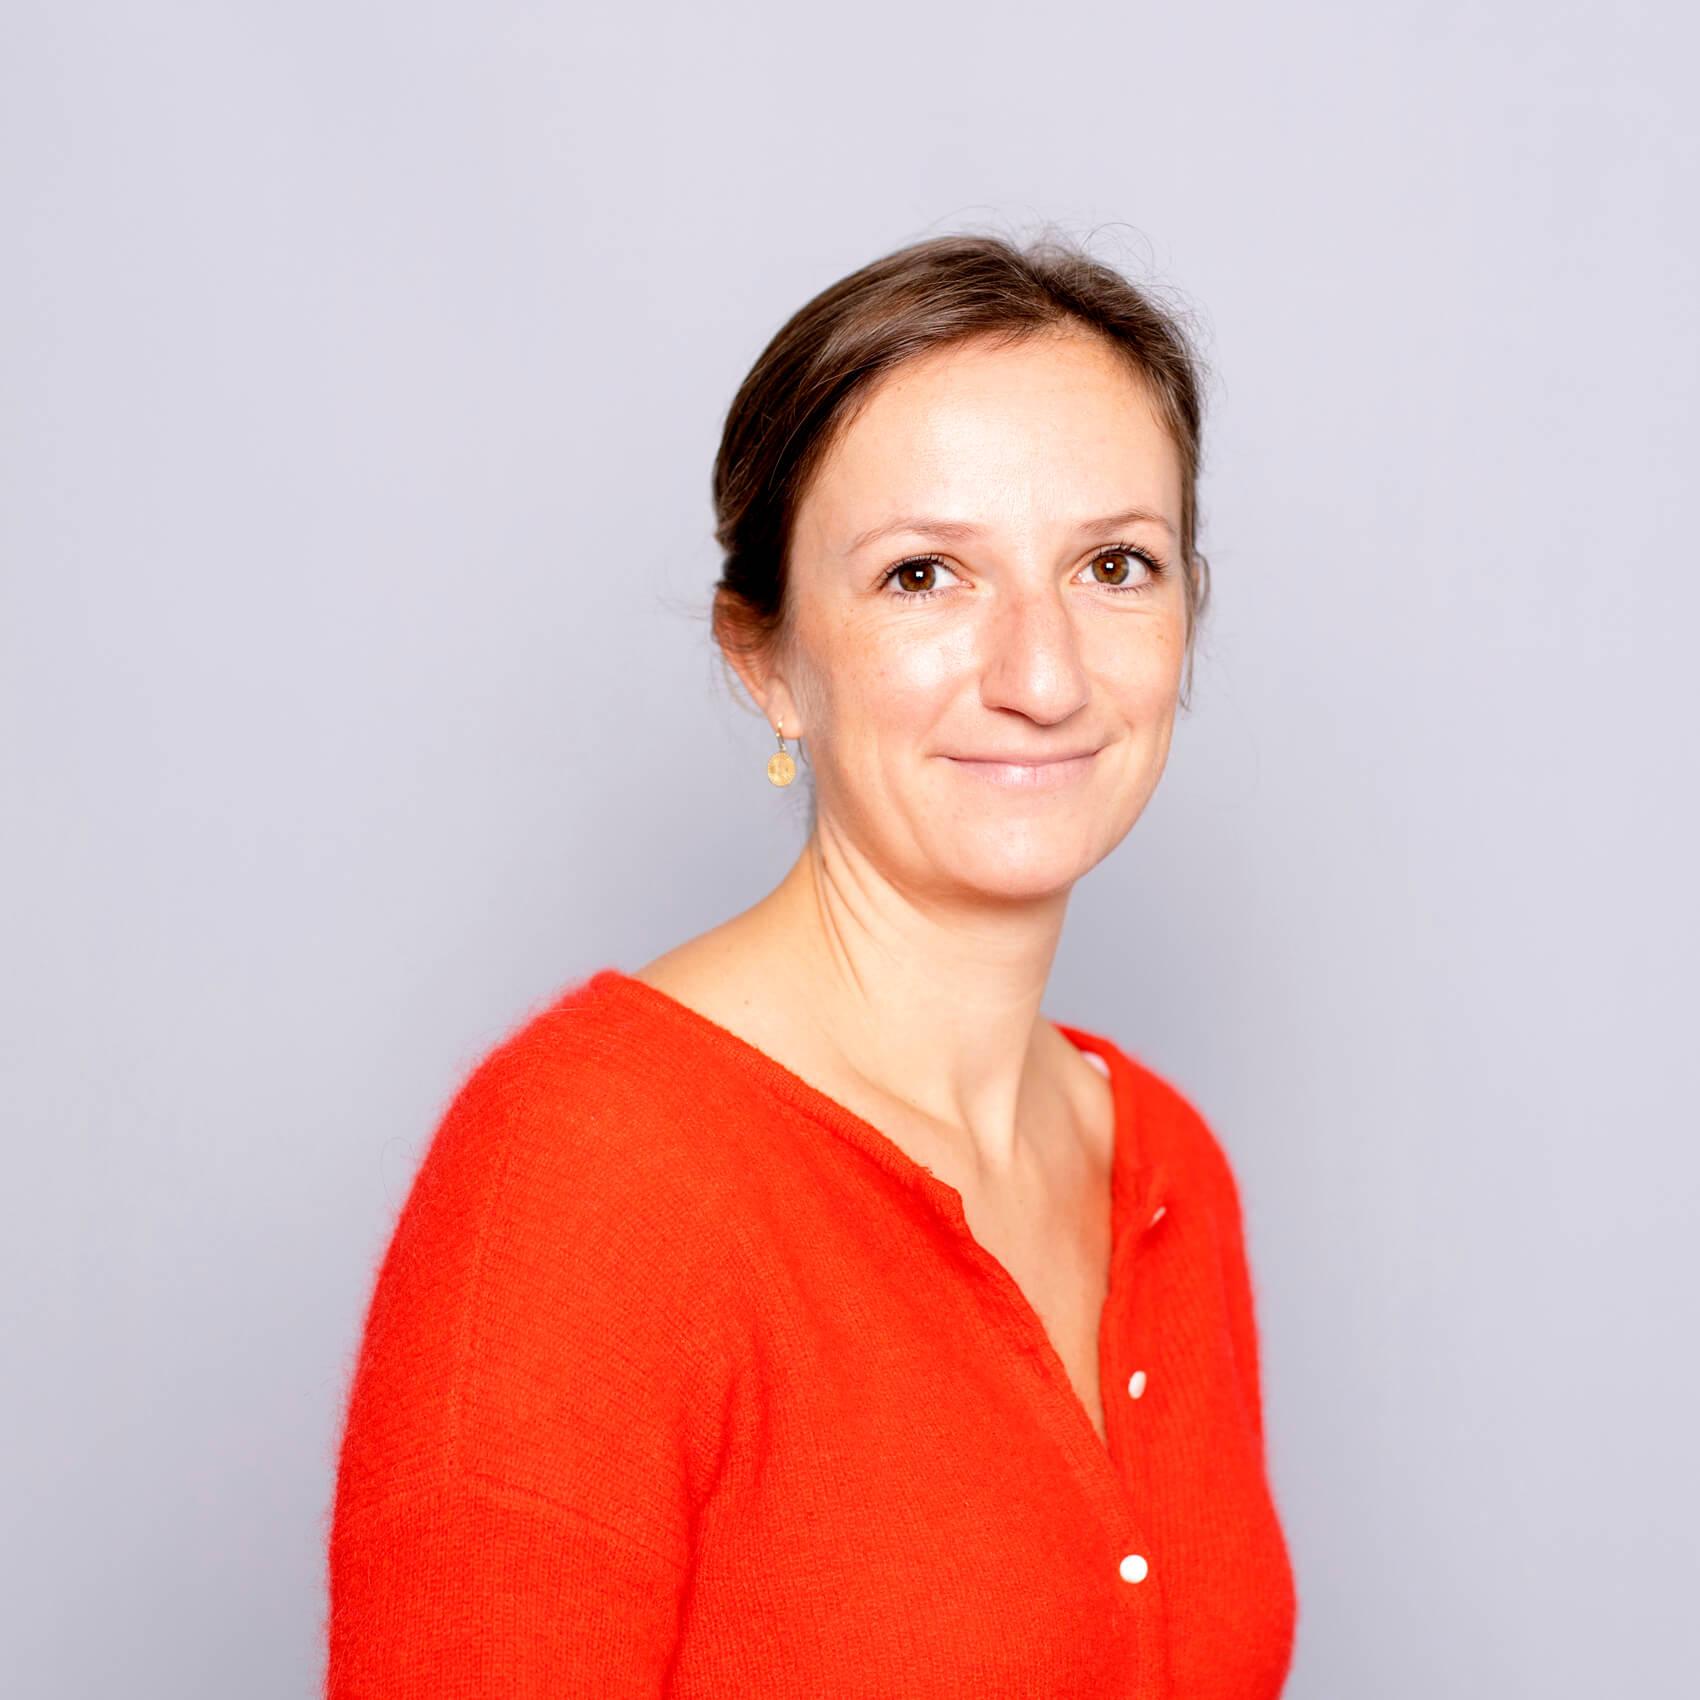 Célia Heidsieck